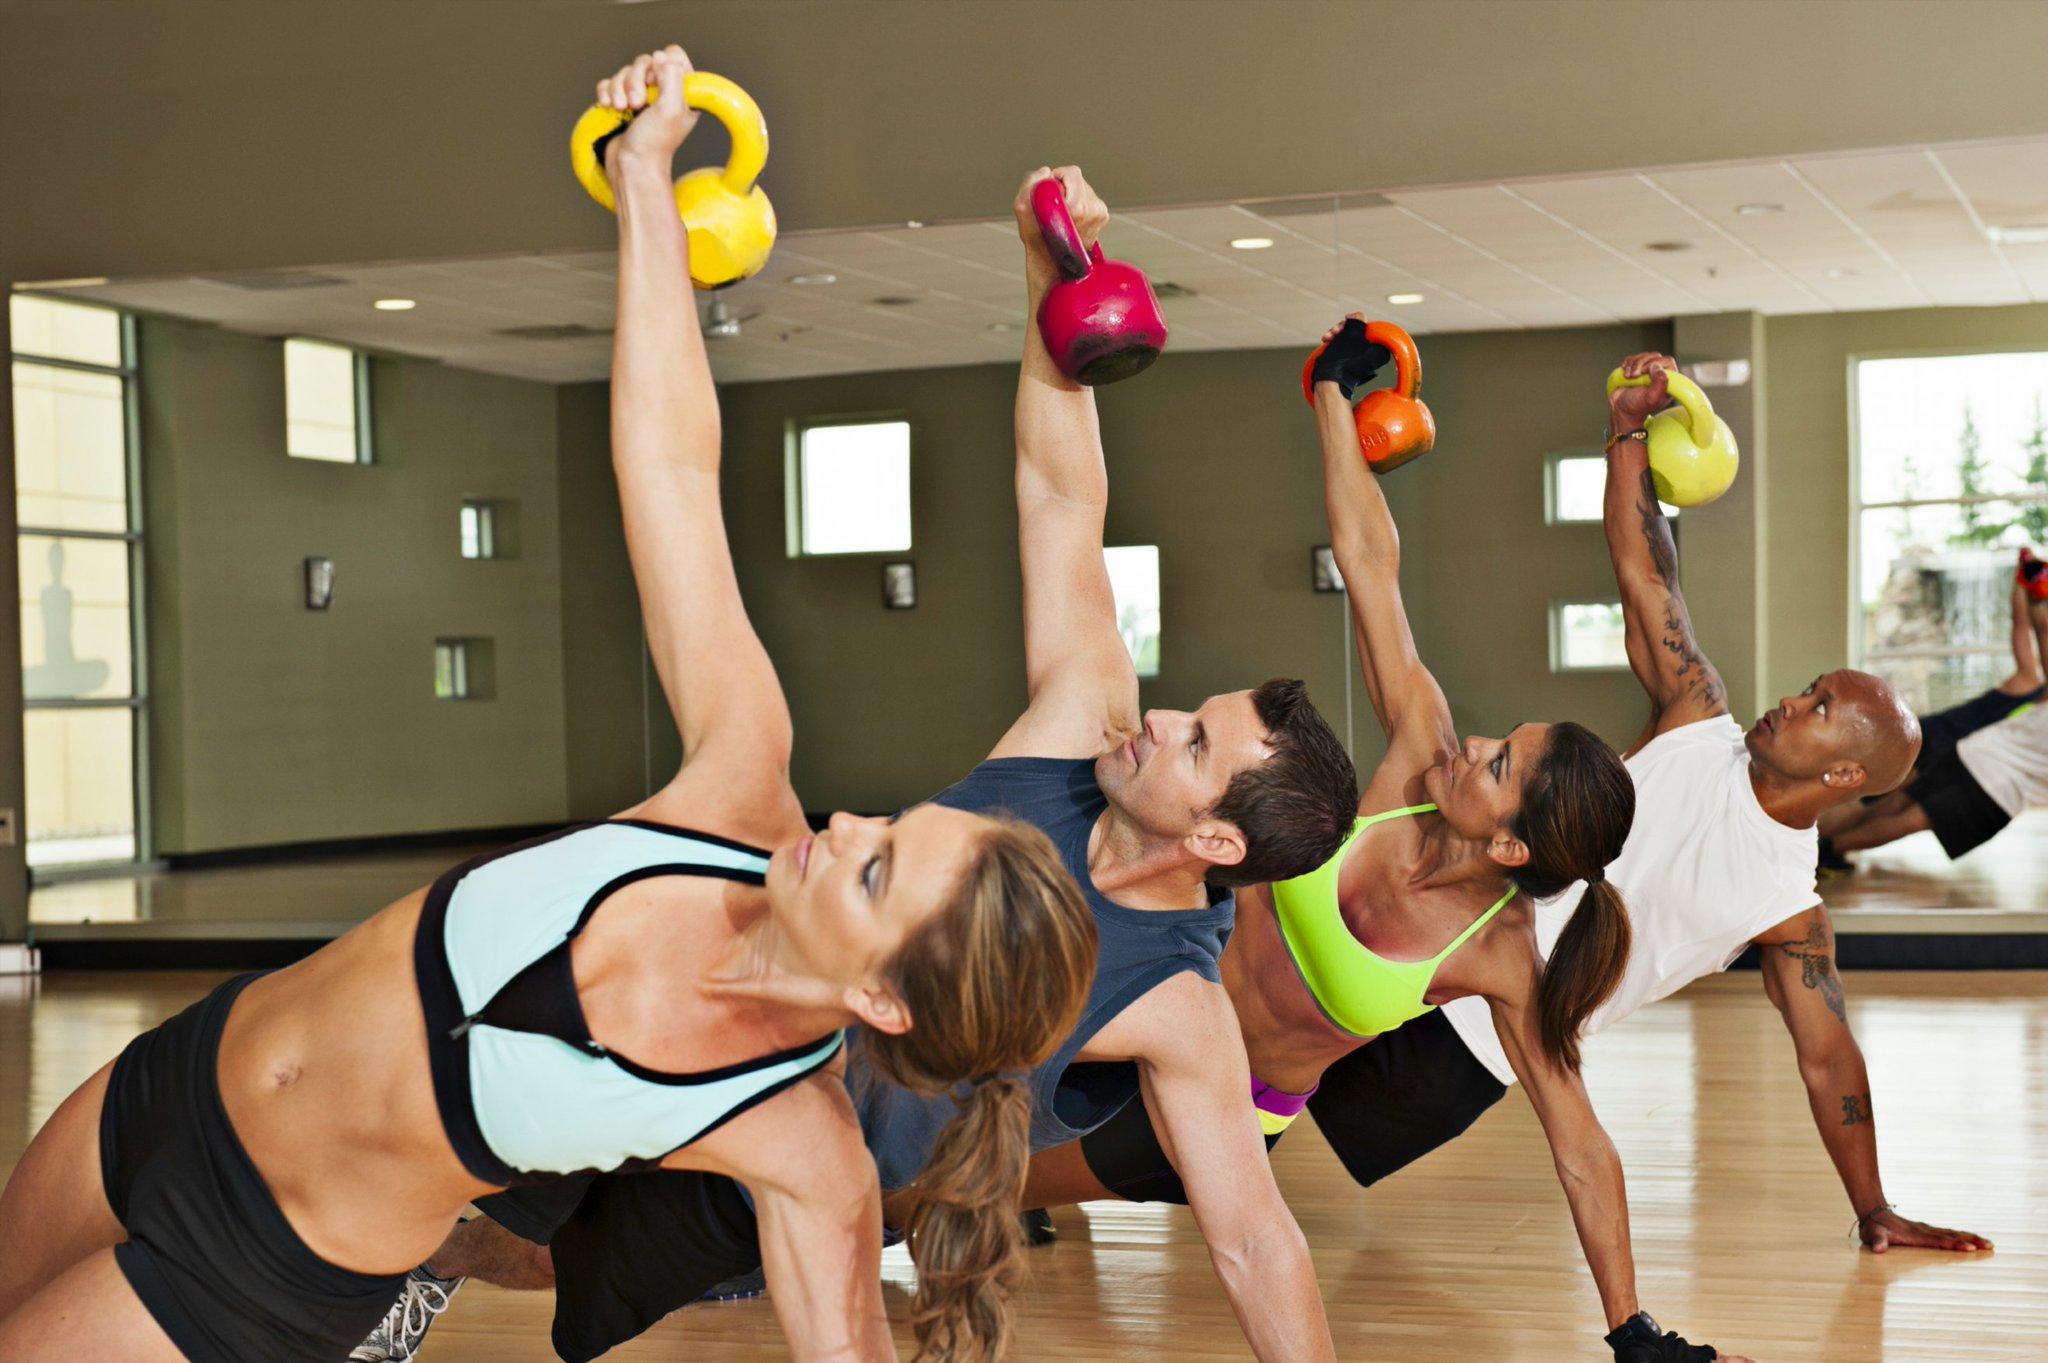 Многоповторный Тренинг Для Похудения. Многоповторный тренинг: наращиваем мышцы и сжигаем жир ОДНОВРЕМЕННО!